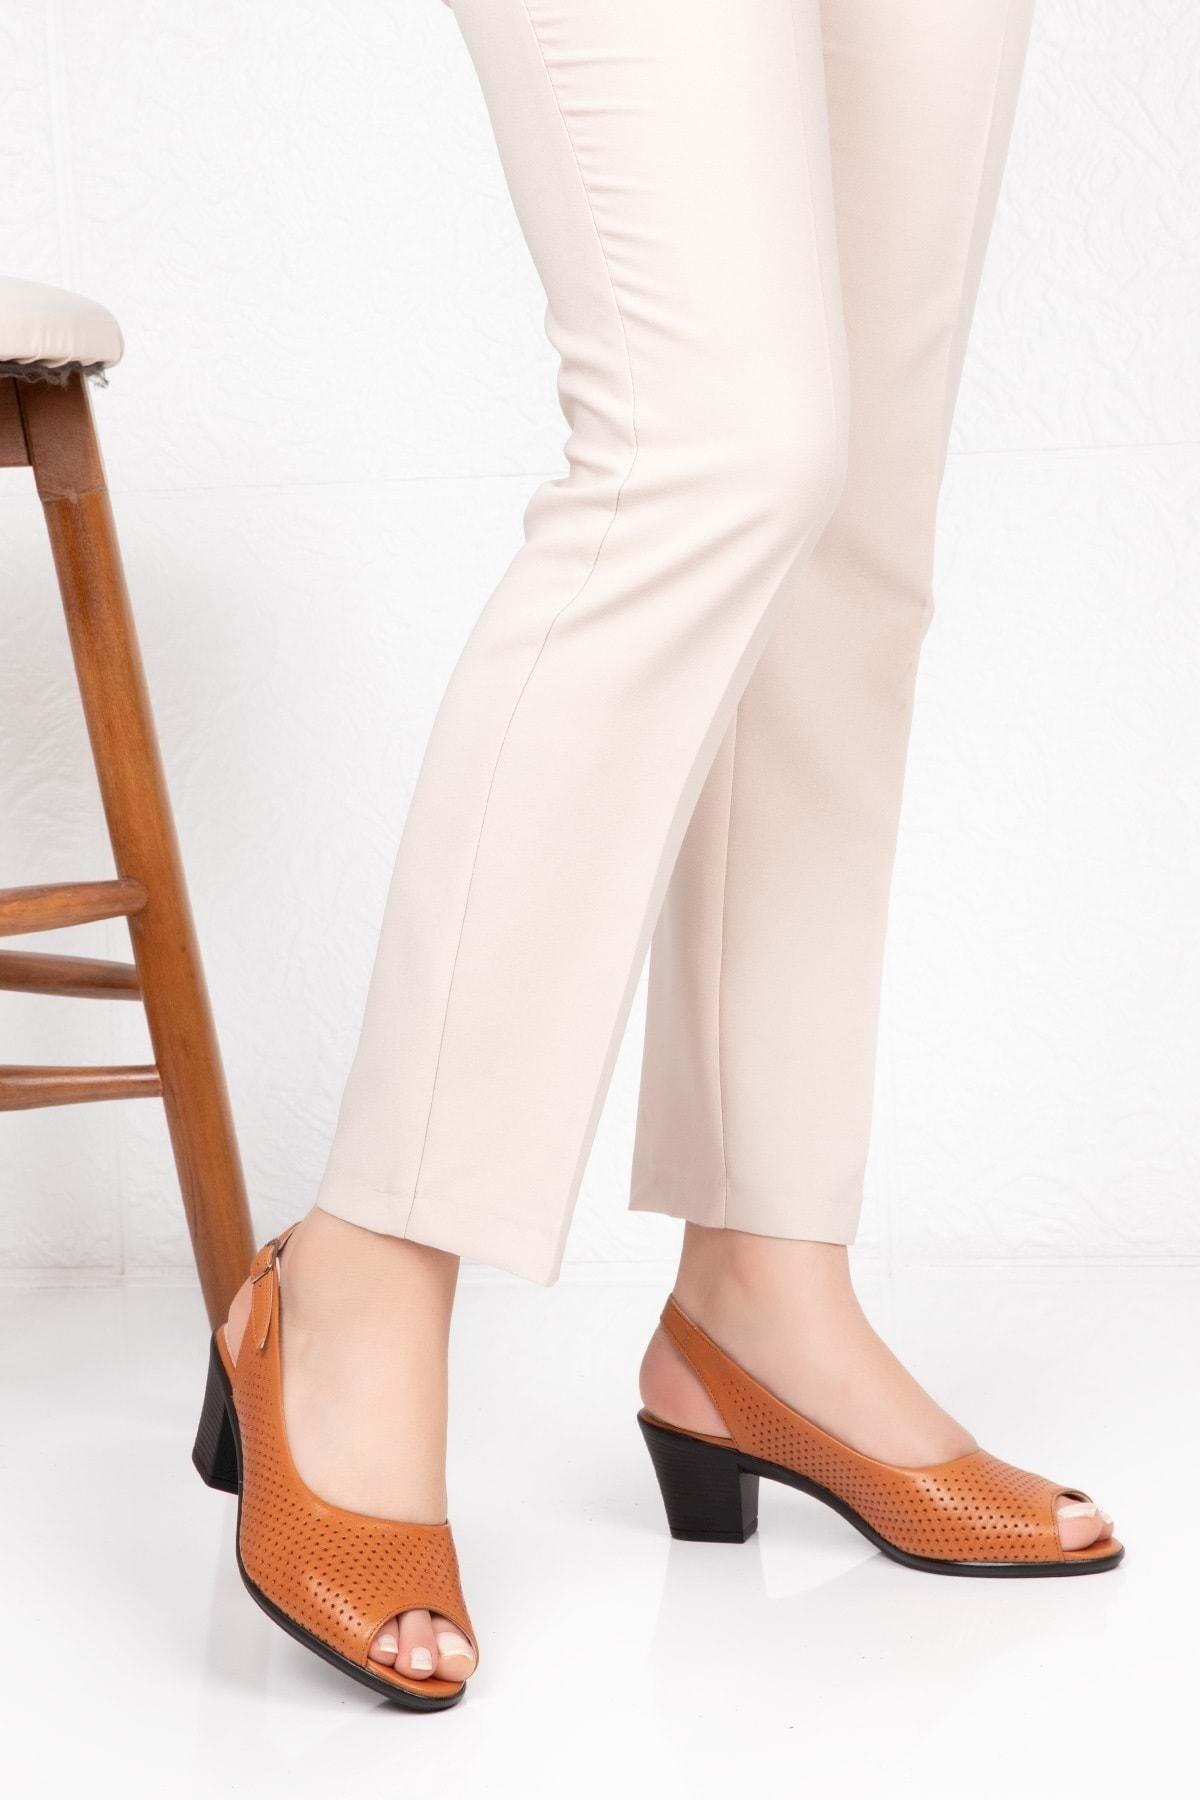 Gondol Kadın Kahverengi  Deri Topuklu Ayakkabı 1